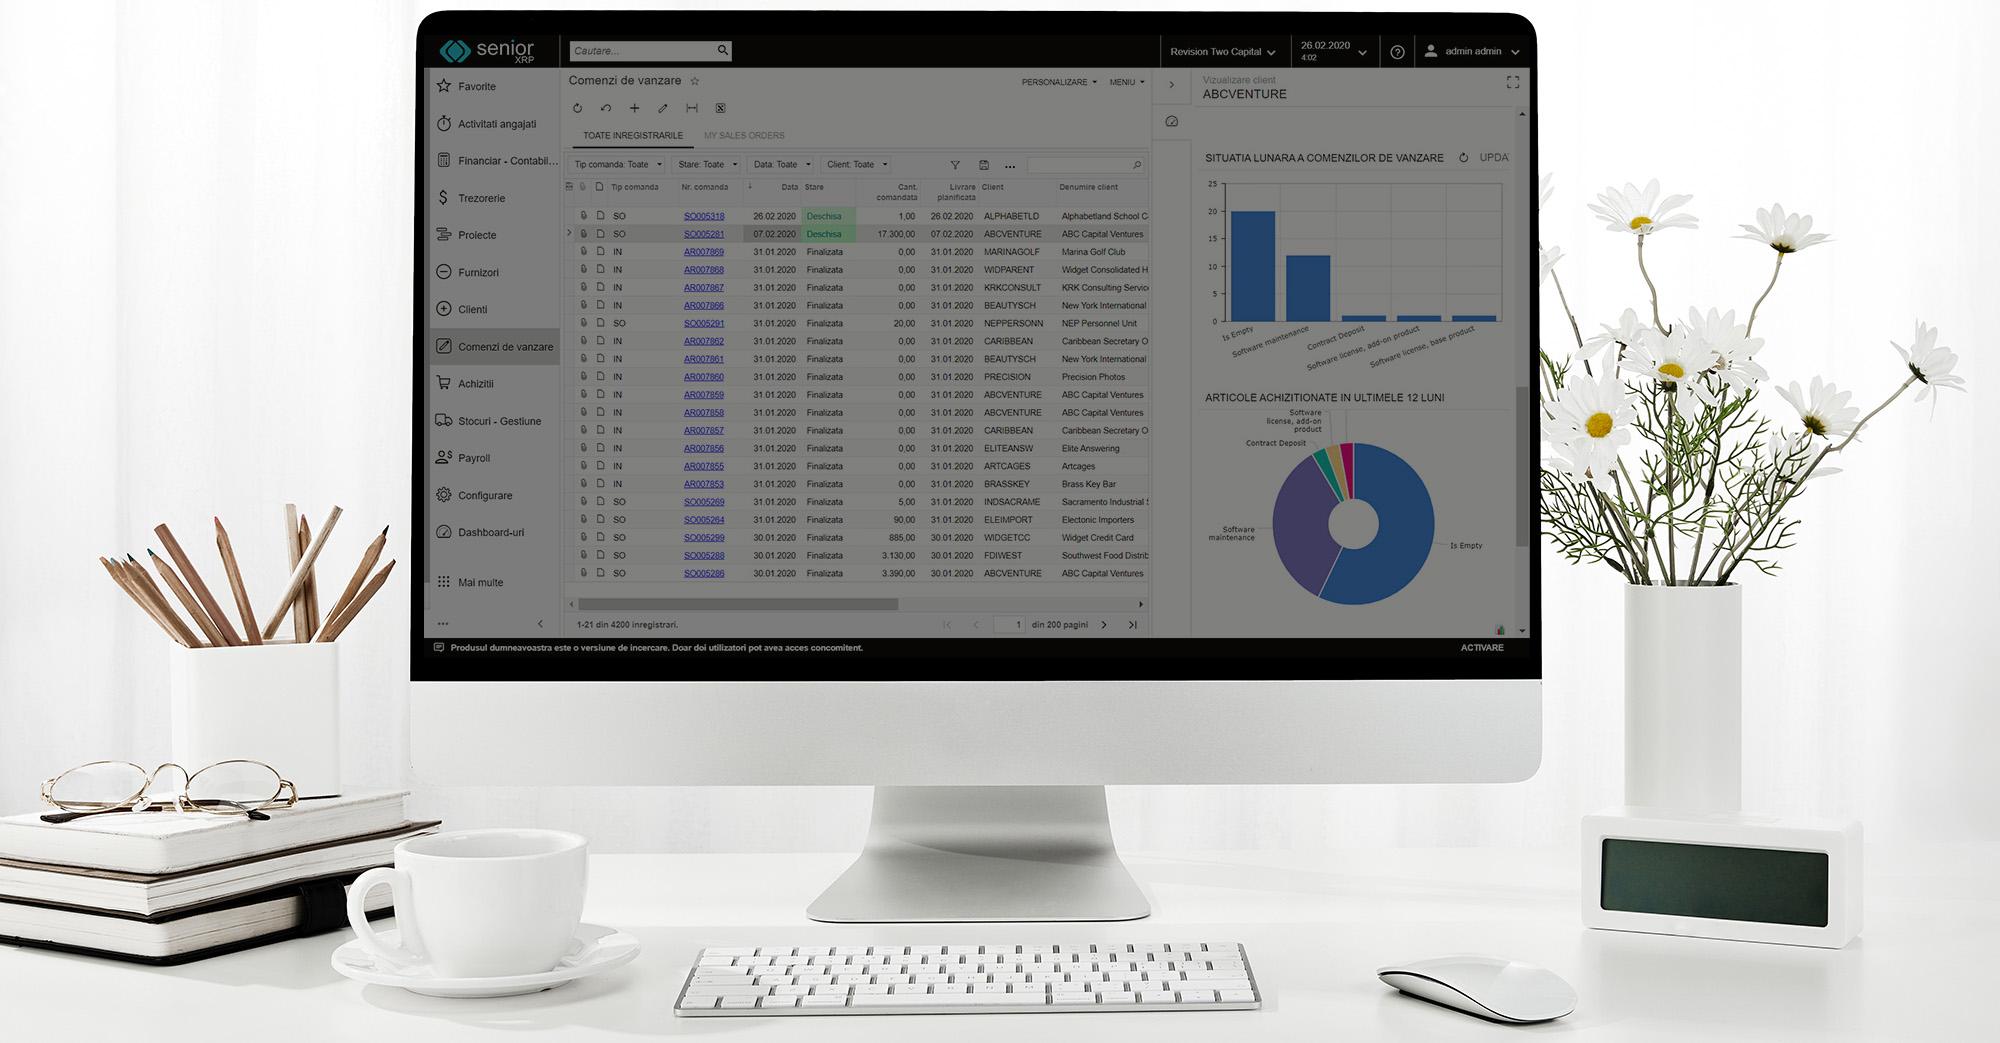 erp-emag-marketplace-soft-erp-b2b-b2c-erp-software-integrat-2